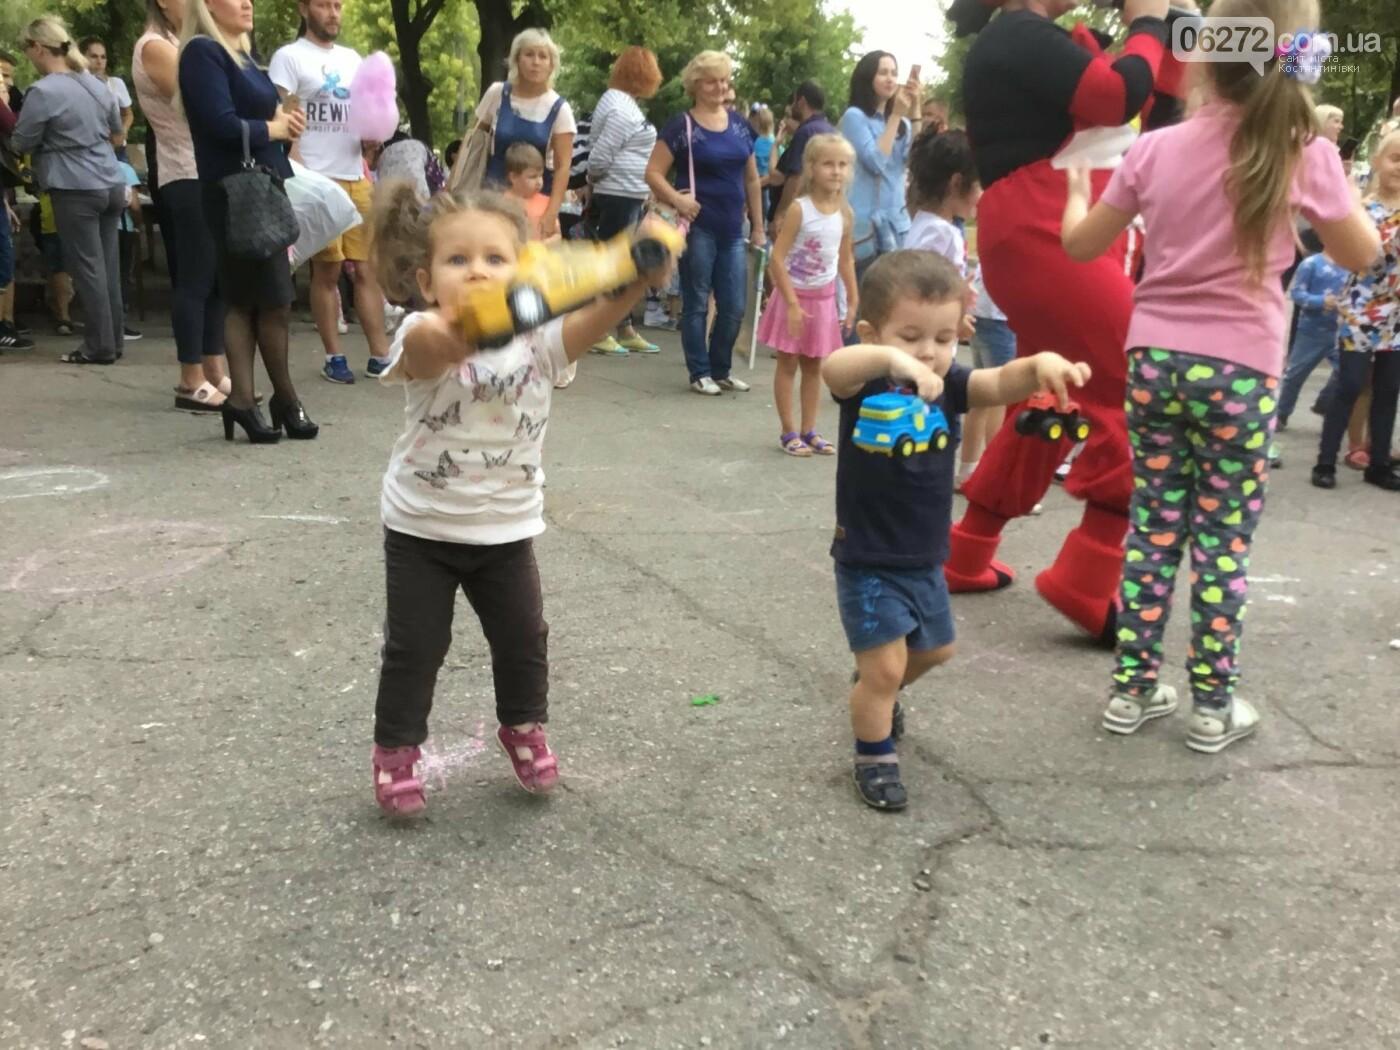 В Константиновке провели благотворительный праздник  в поддержку Софии Чупыхиной, фото-3